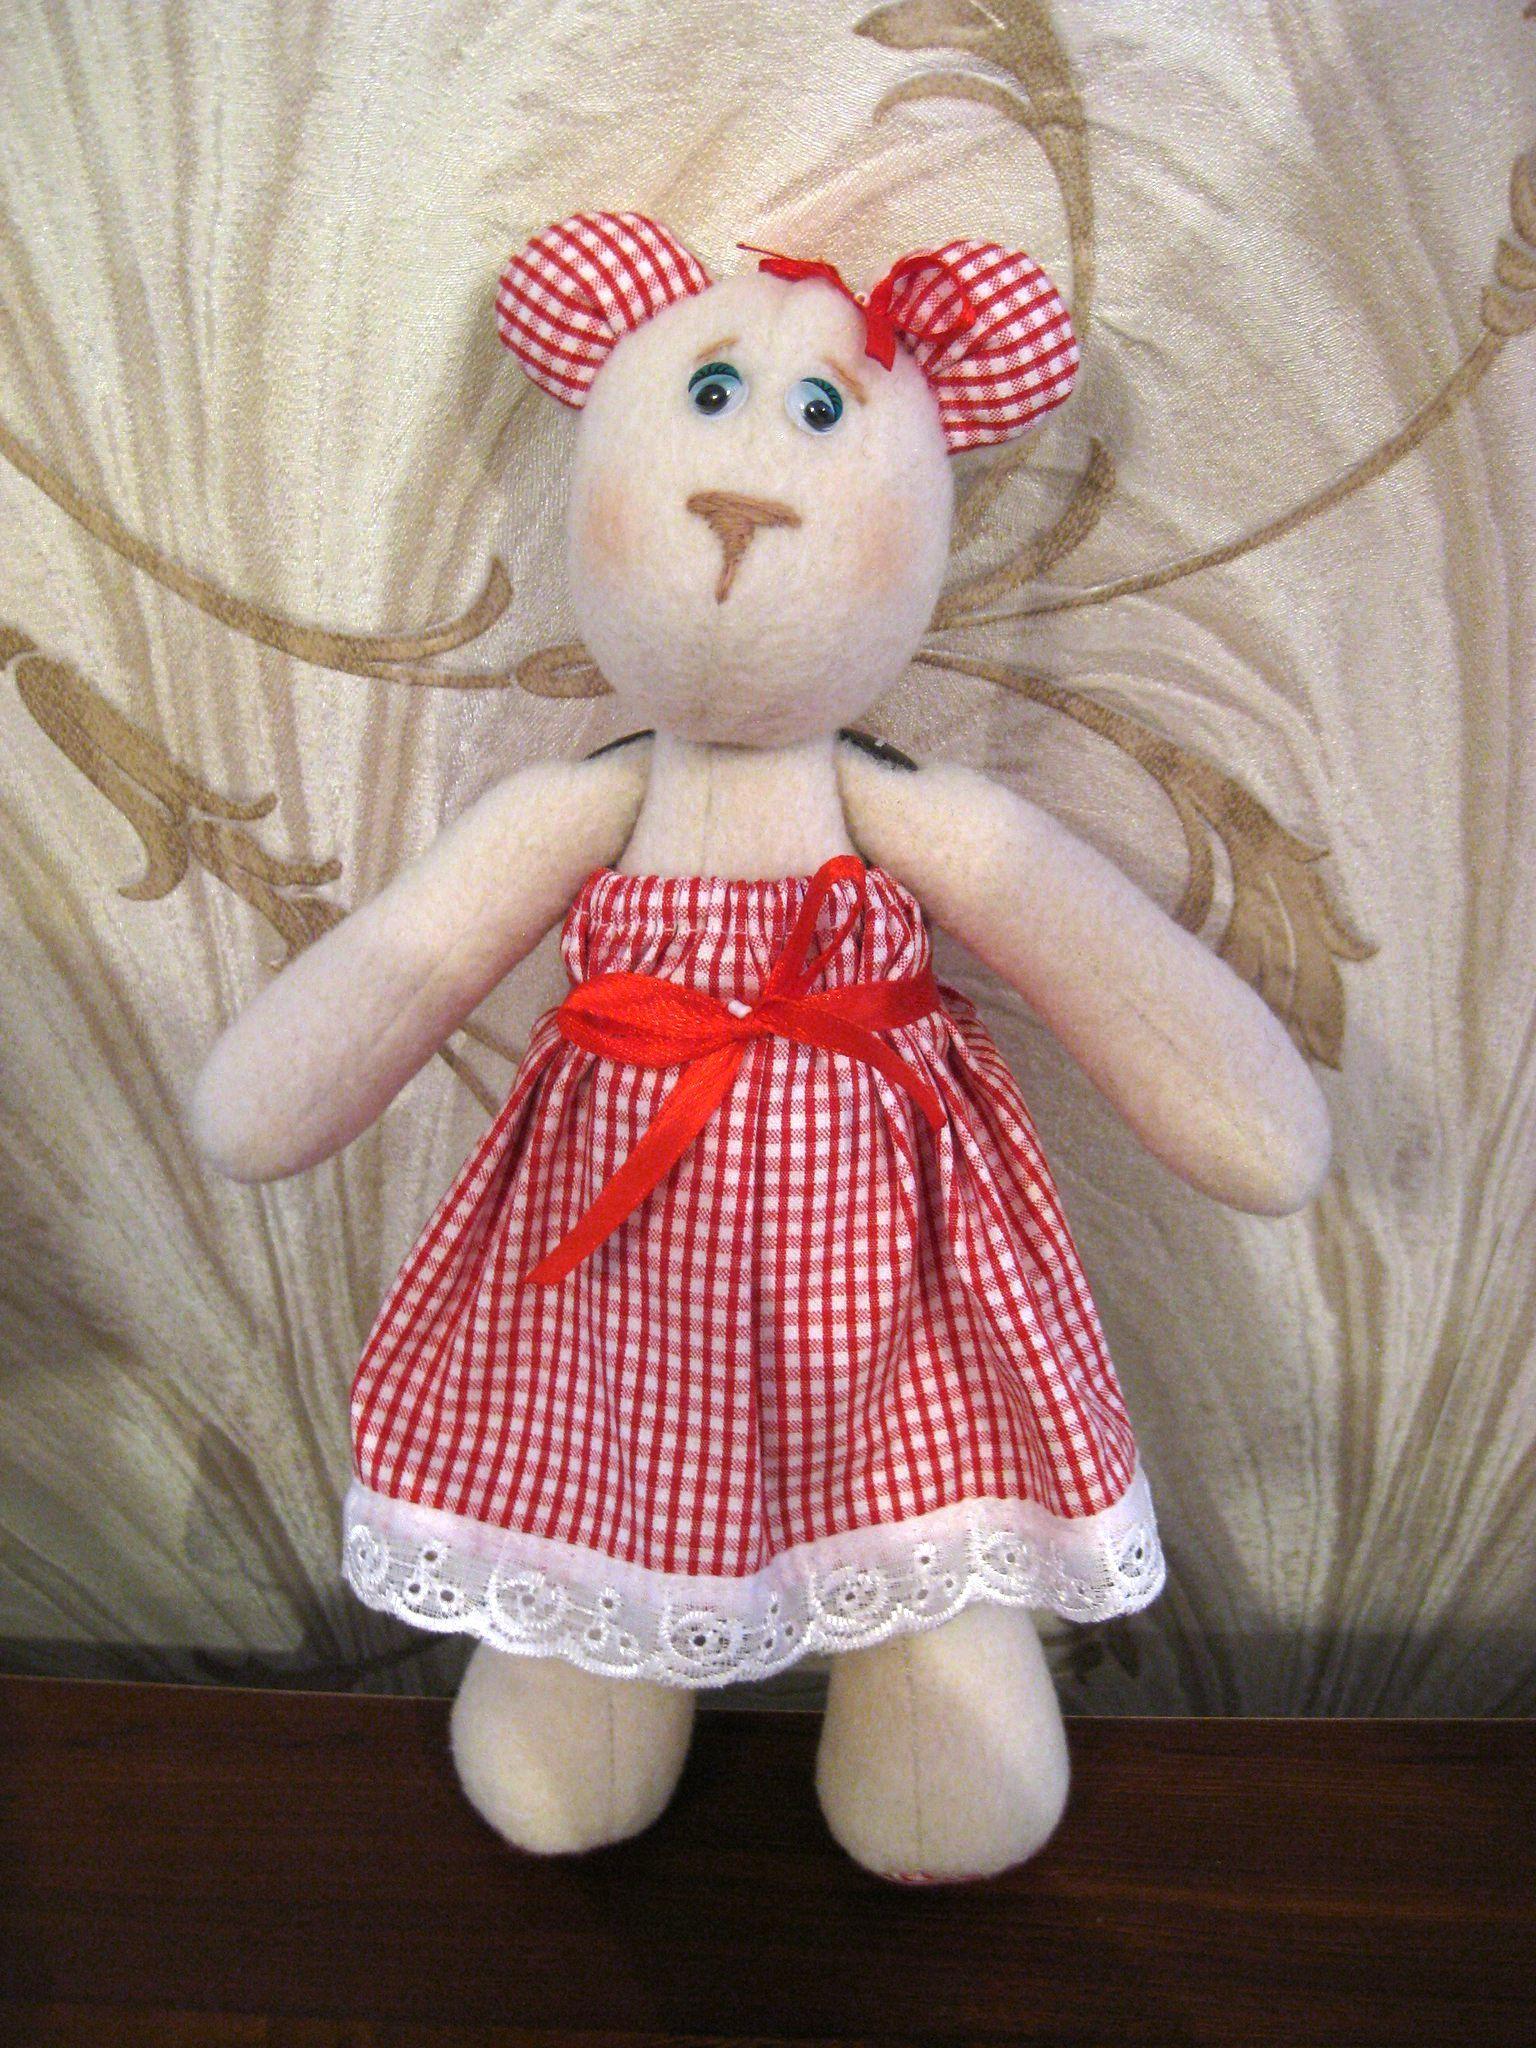 ручнаяработа уникальныйподарок медведь игрушка handmade творчество